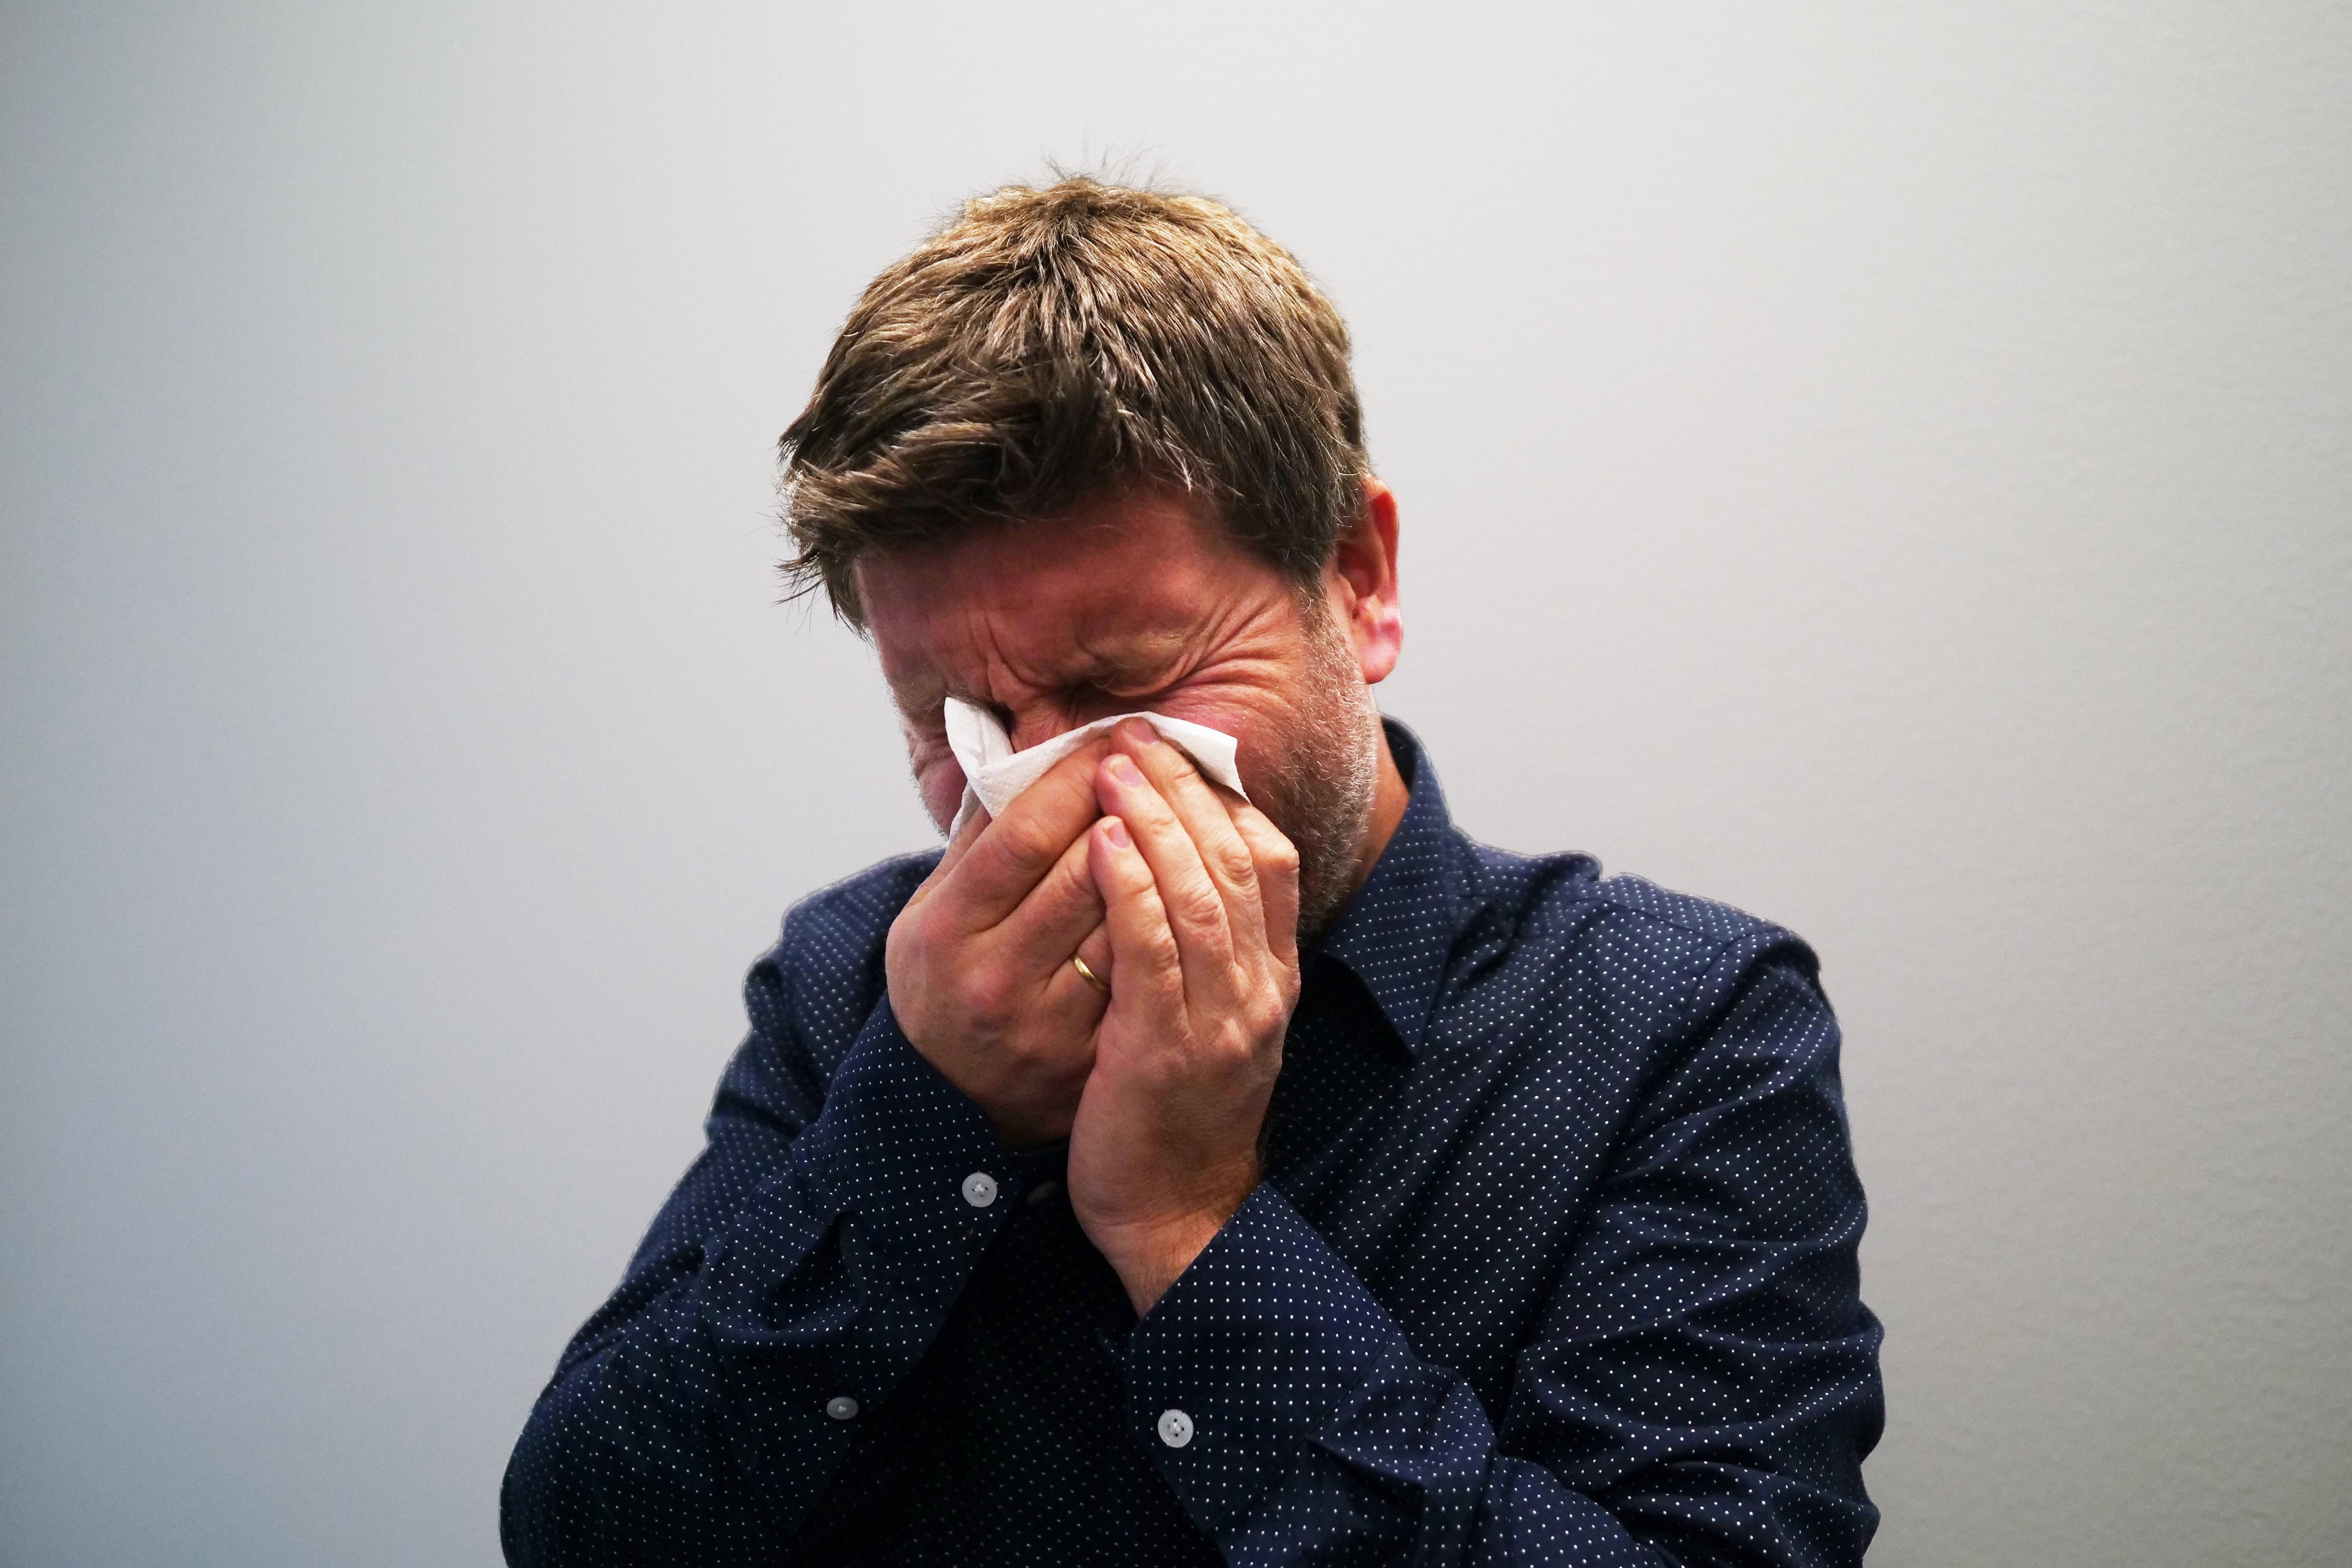 Testing Symptomer Og Naerkontakter Helsenorge No